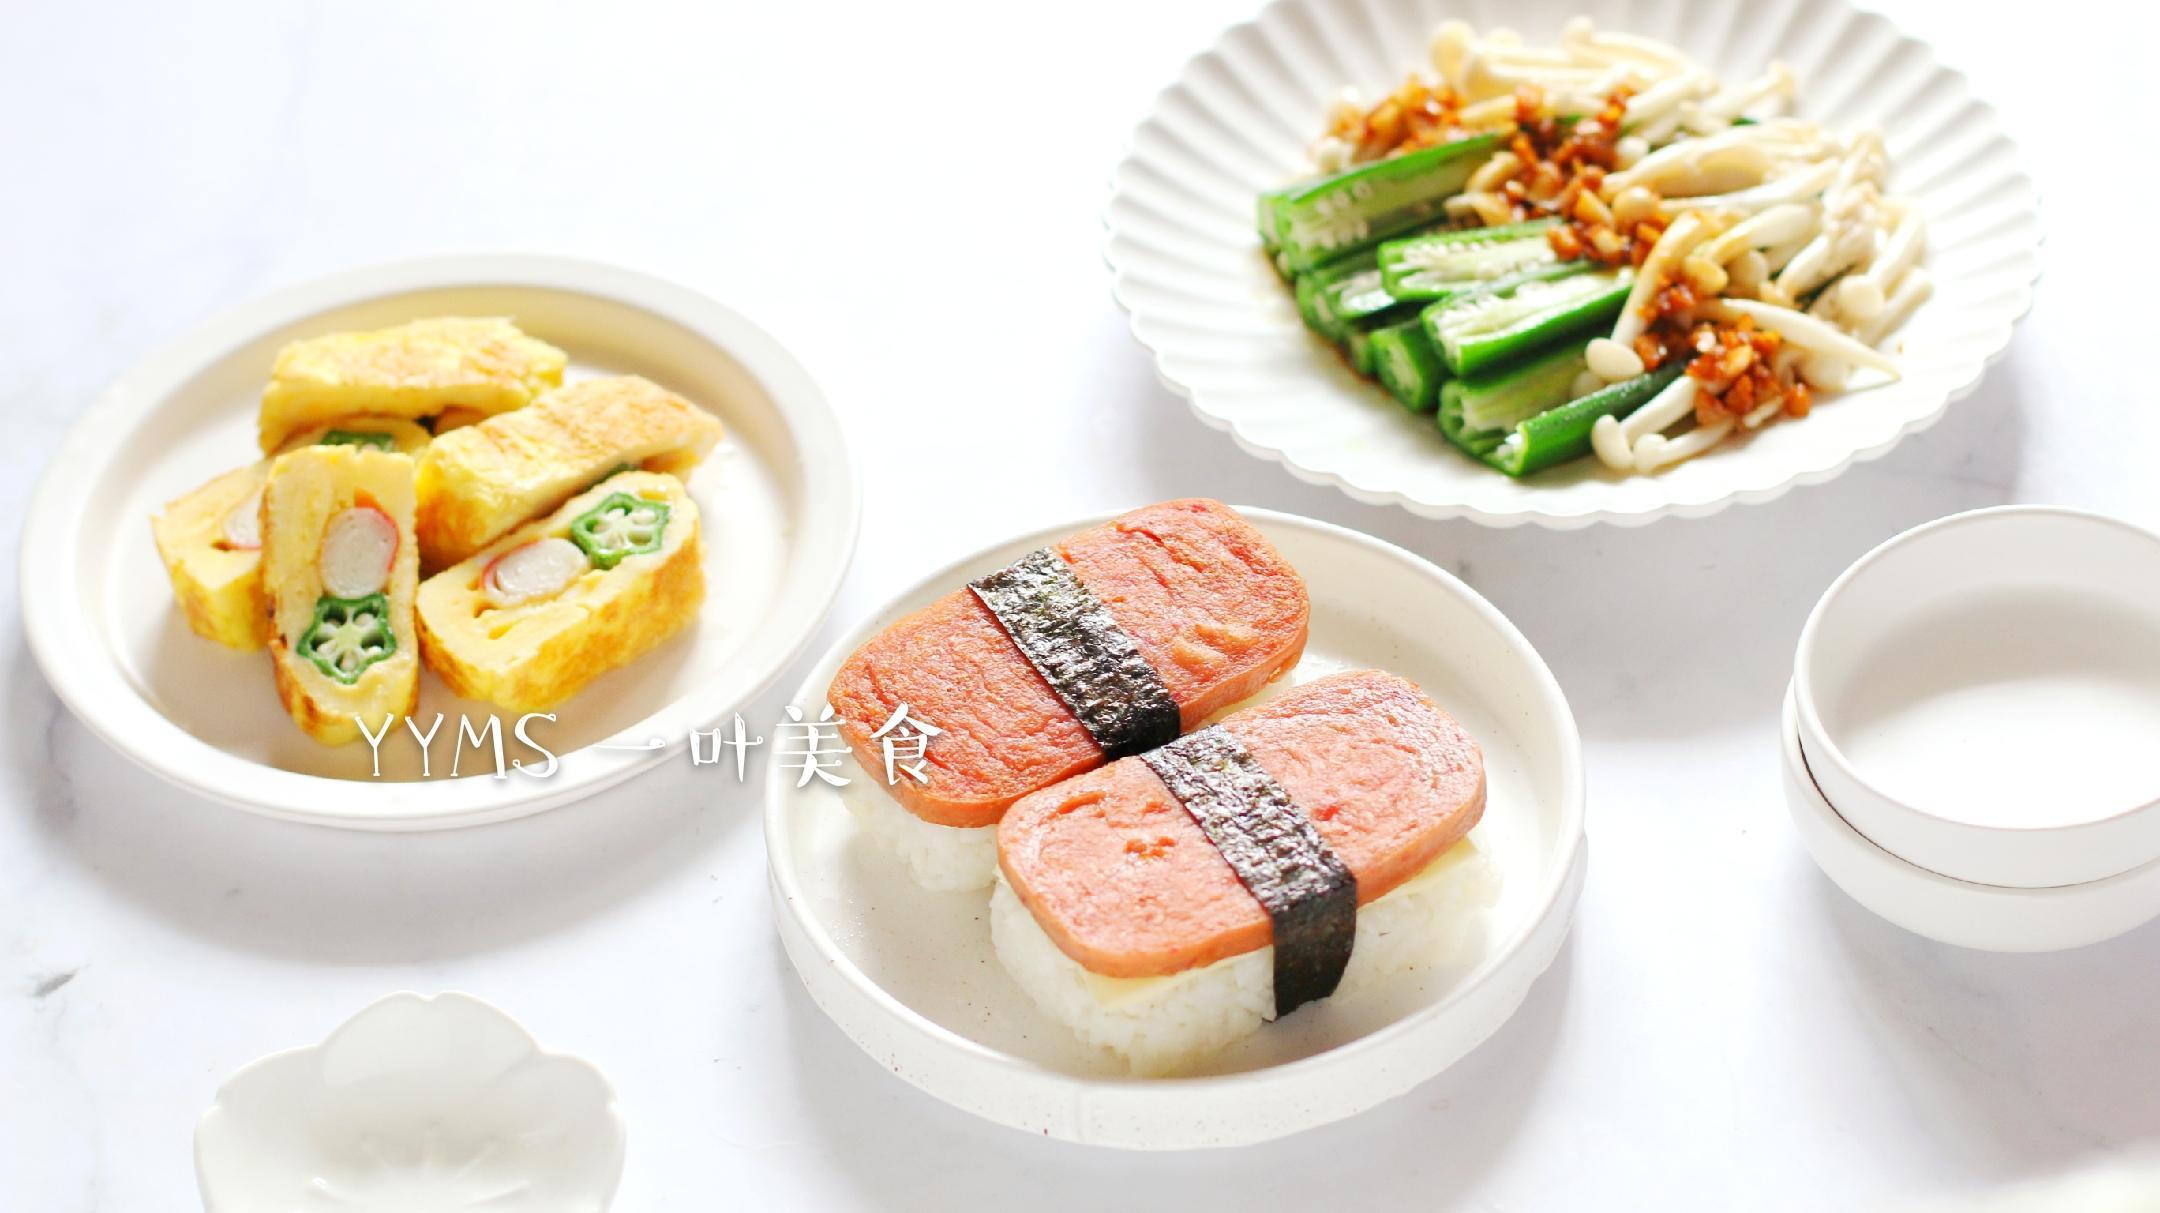 便当,让孩子爱上吃饭,米饭、鸡蛋新做法,荤素搭配、营养美味(图3)